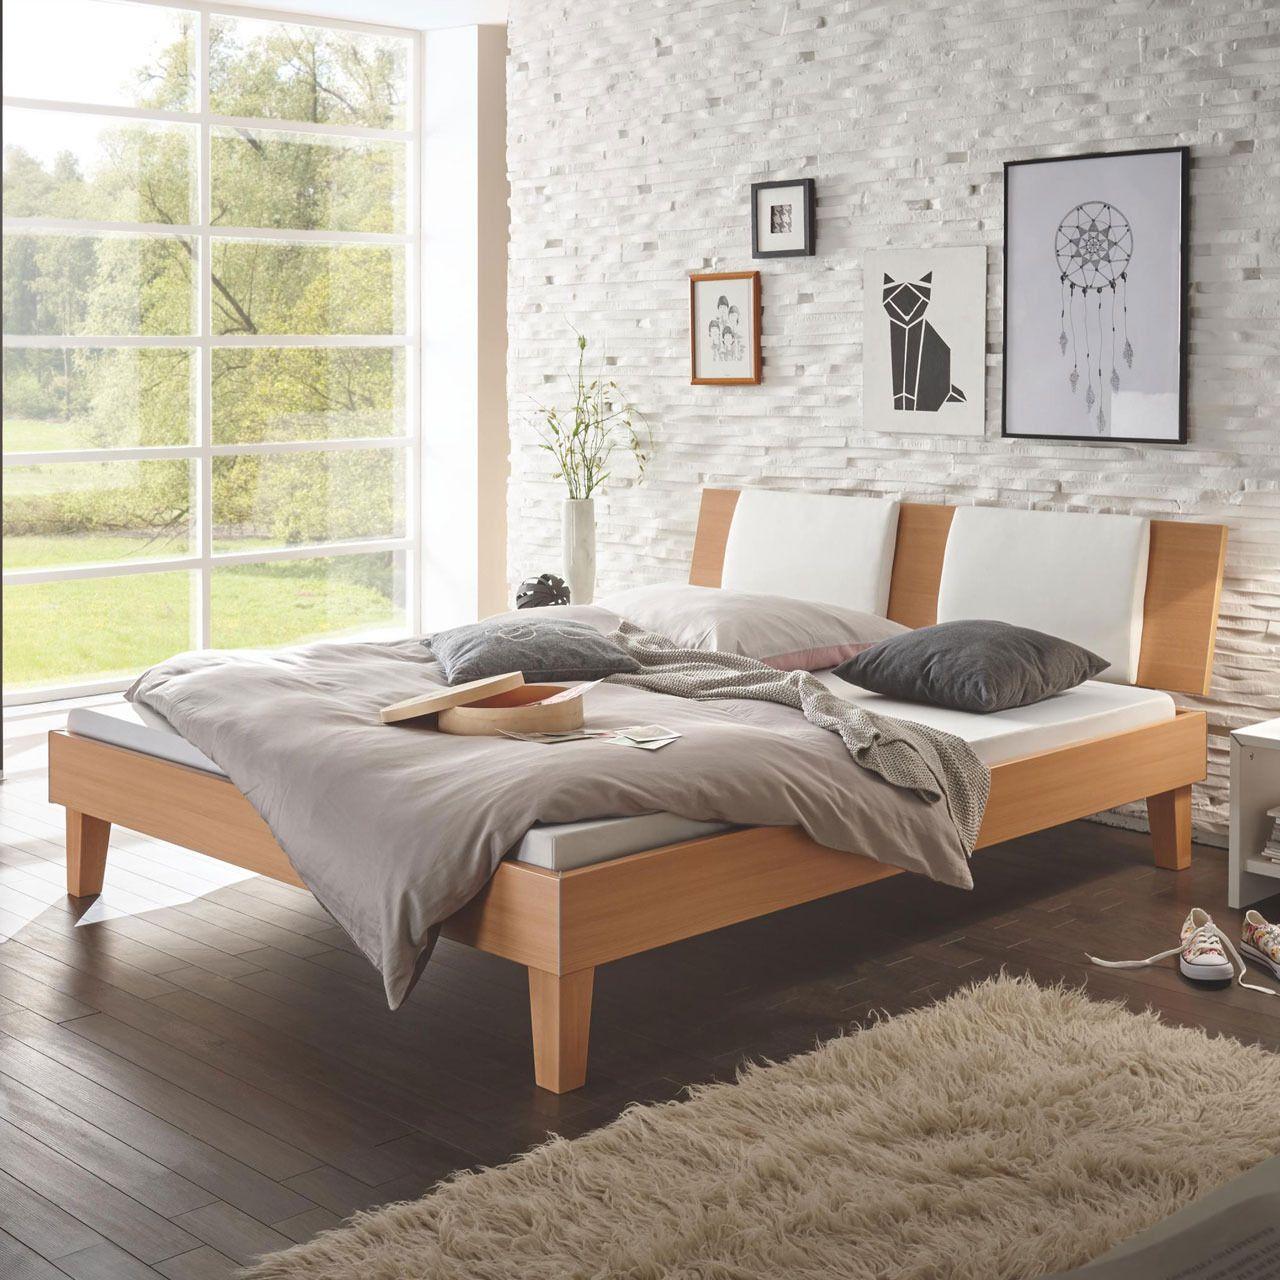 Das Hasena Bett im klassichen Design überzeugt mit